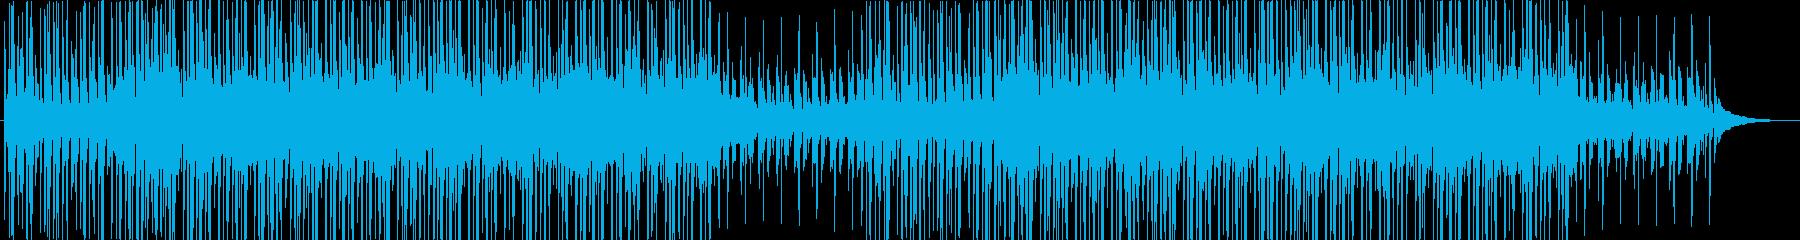 軽快でかわいい生音系ラグタイムの再生済みの波形